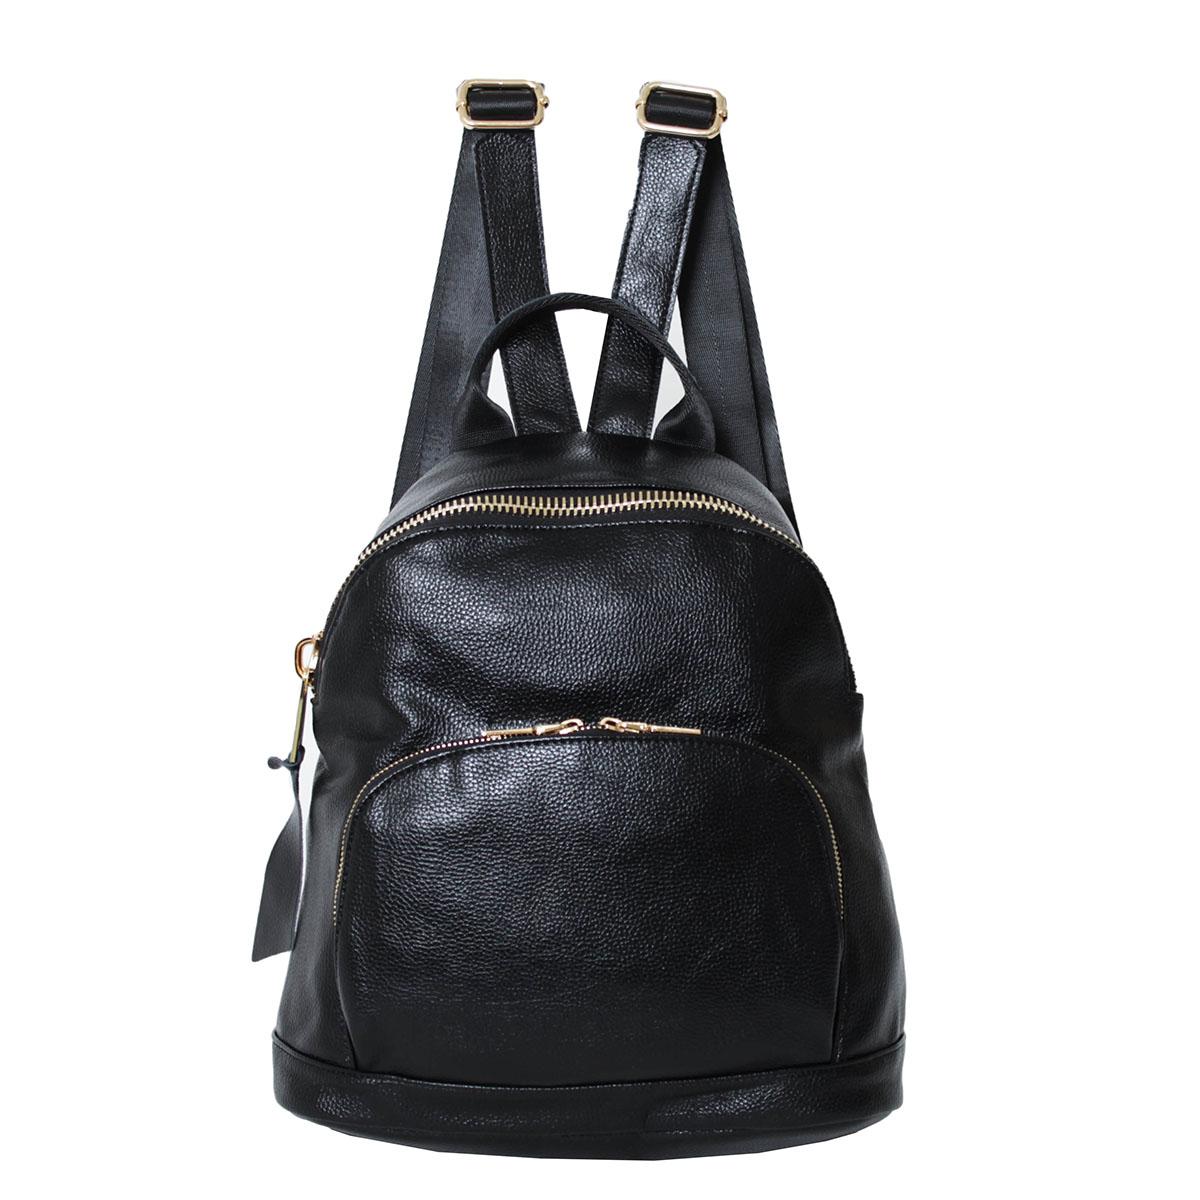 Рюкзак женский Flioraj, цвет: черный. 0005212700052127Закрывается на молнию. Внутри одно отделение, два кармана на молнии, три открытых кармана. Снаружи два кармана на молнии. Высота ручки - 8 см.